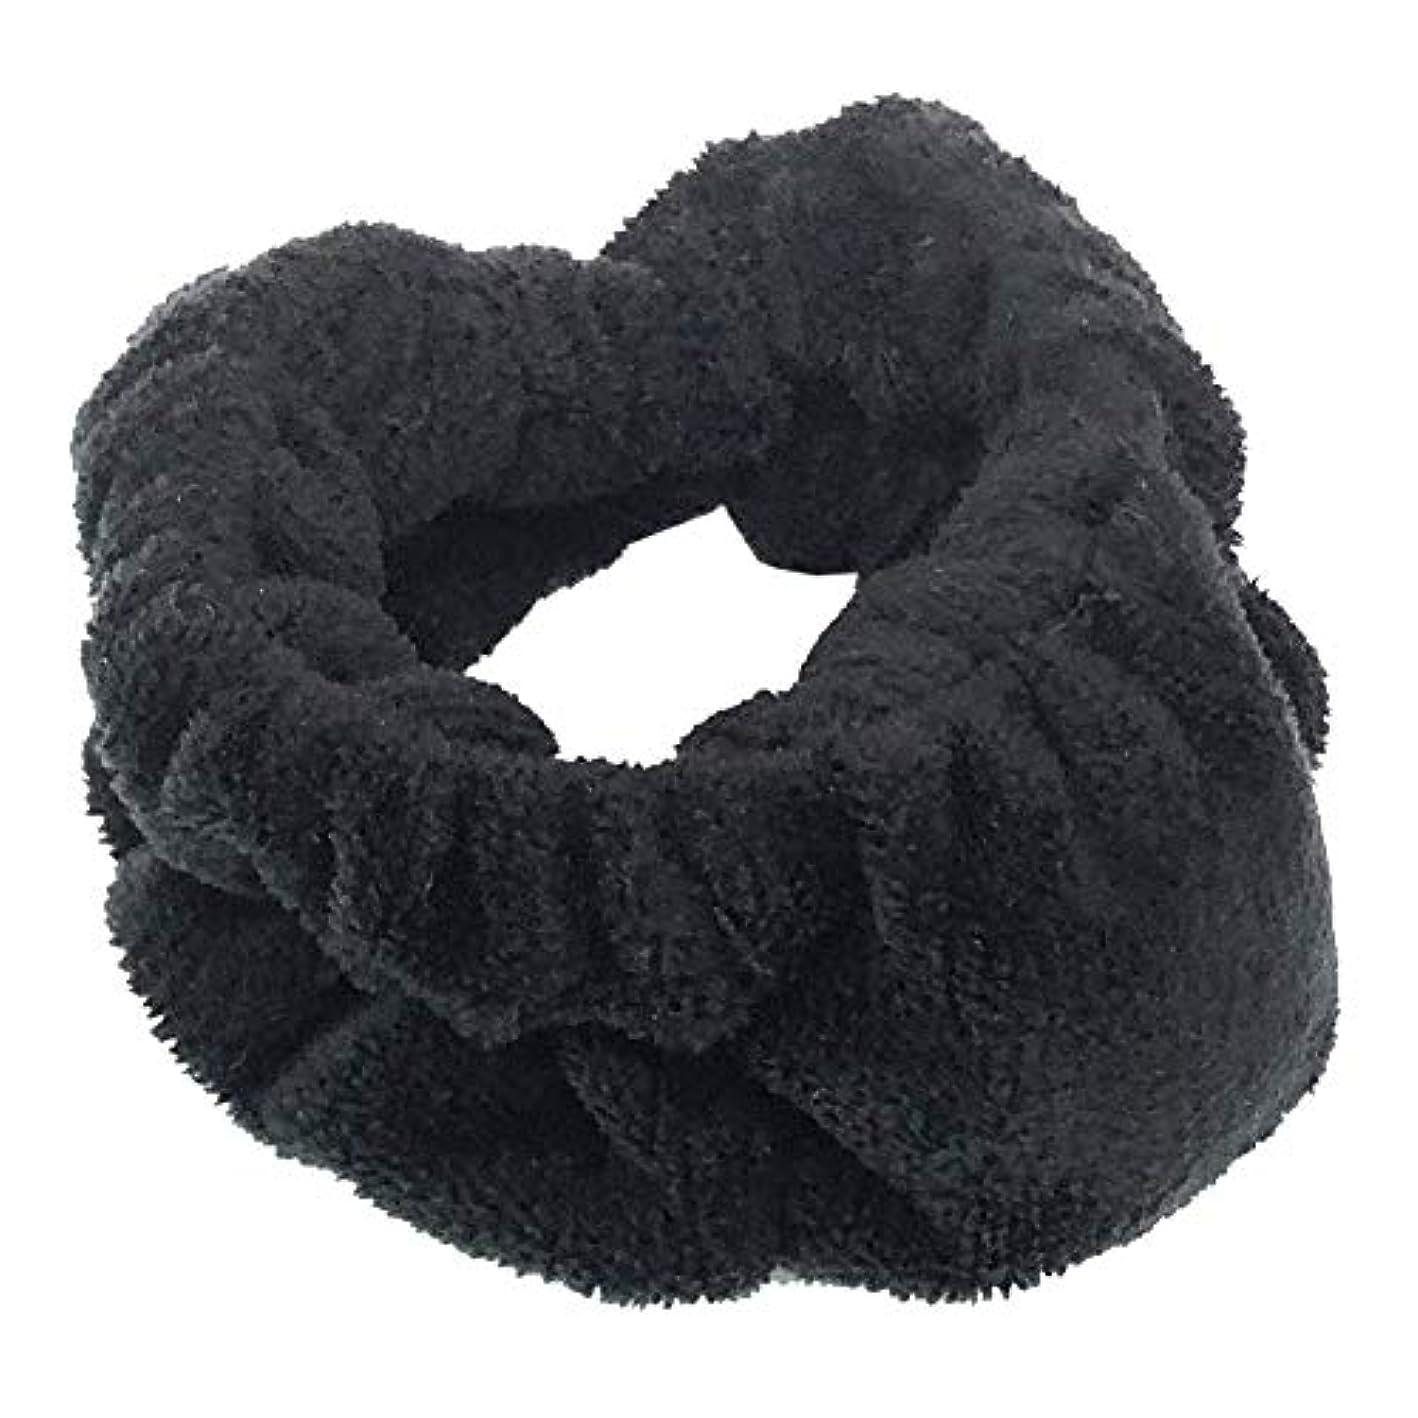 新しい意味プレーヤー人形OHEYA(オヘヤ) 『モコモコツボバンド』 (BLACK/ブラック) ふわふわ もこもこ マッサージ